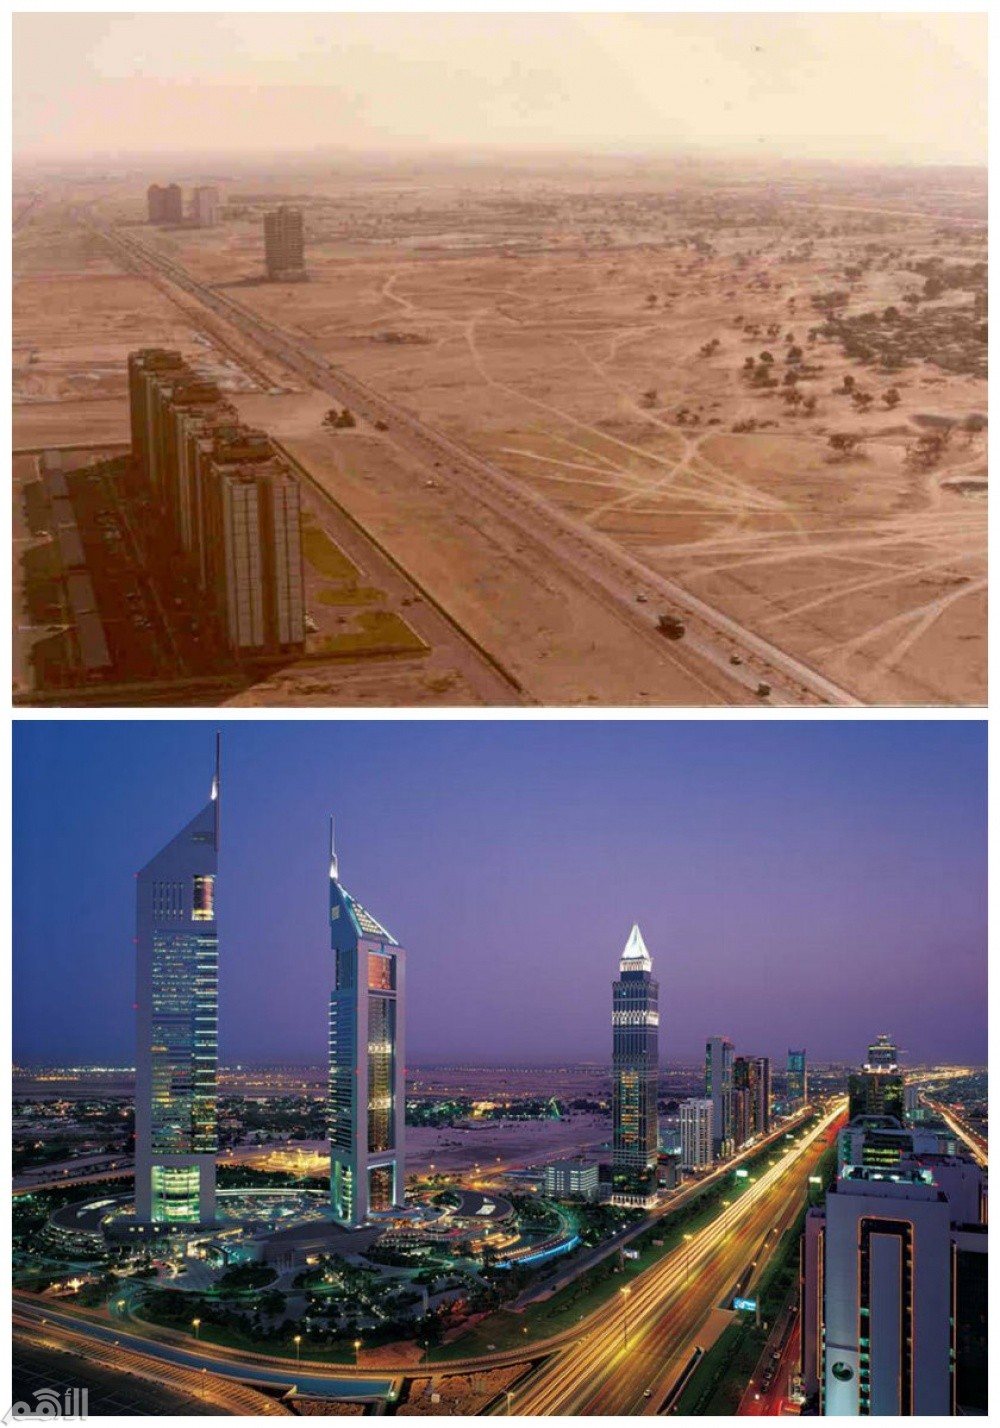 دبي , الأمارات العربية المتحدة في عام 1980 والآن